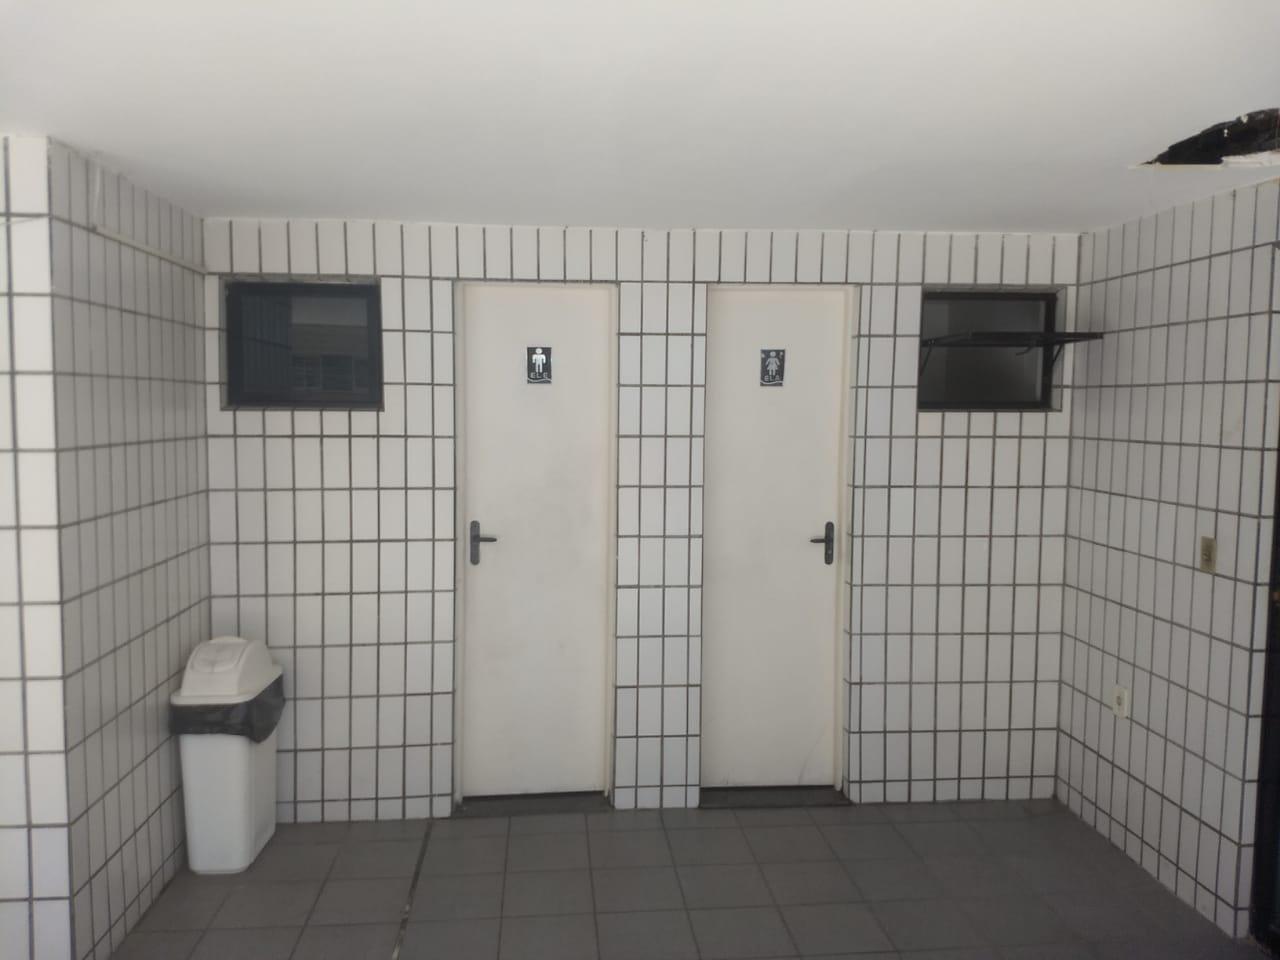 WC'S - FEMININO E MASCULINO